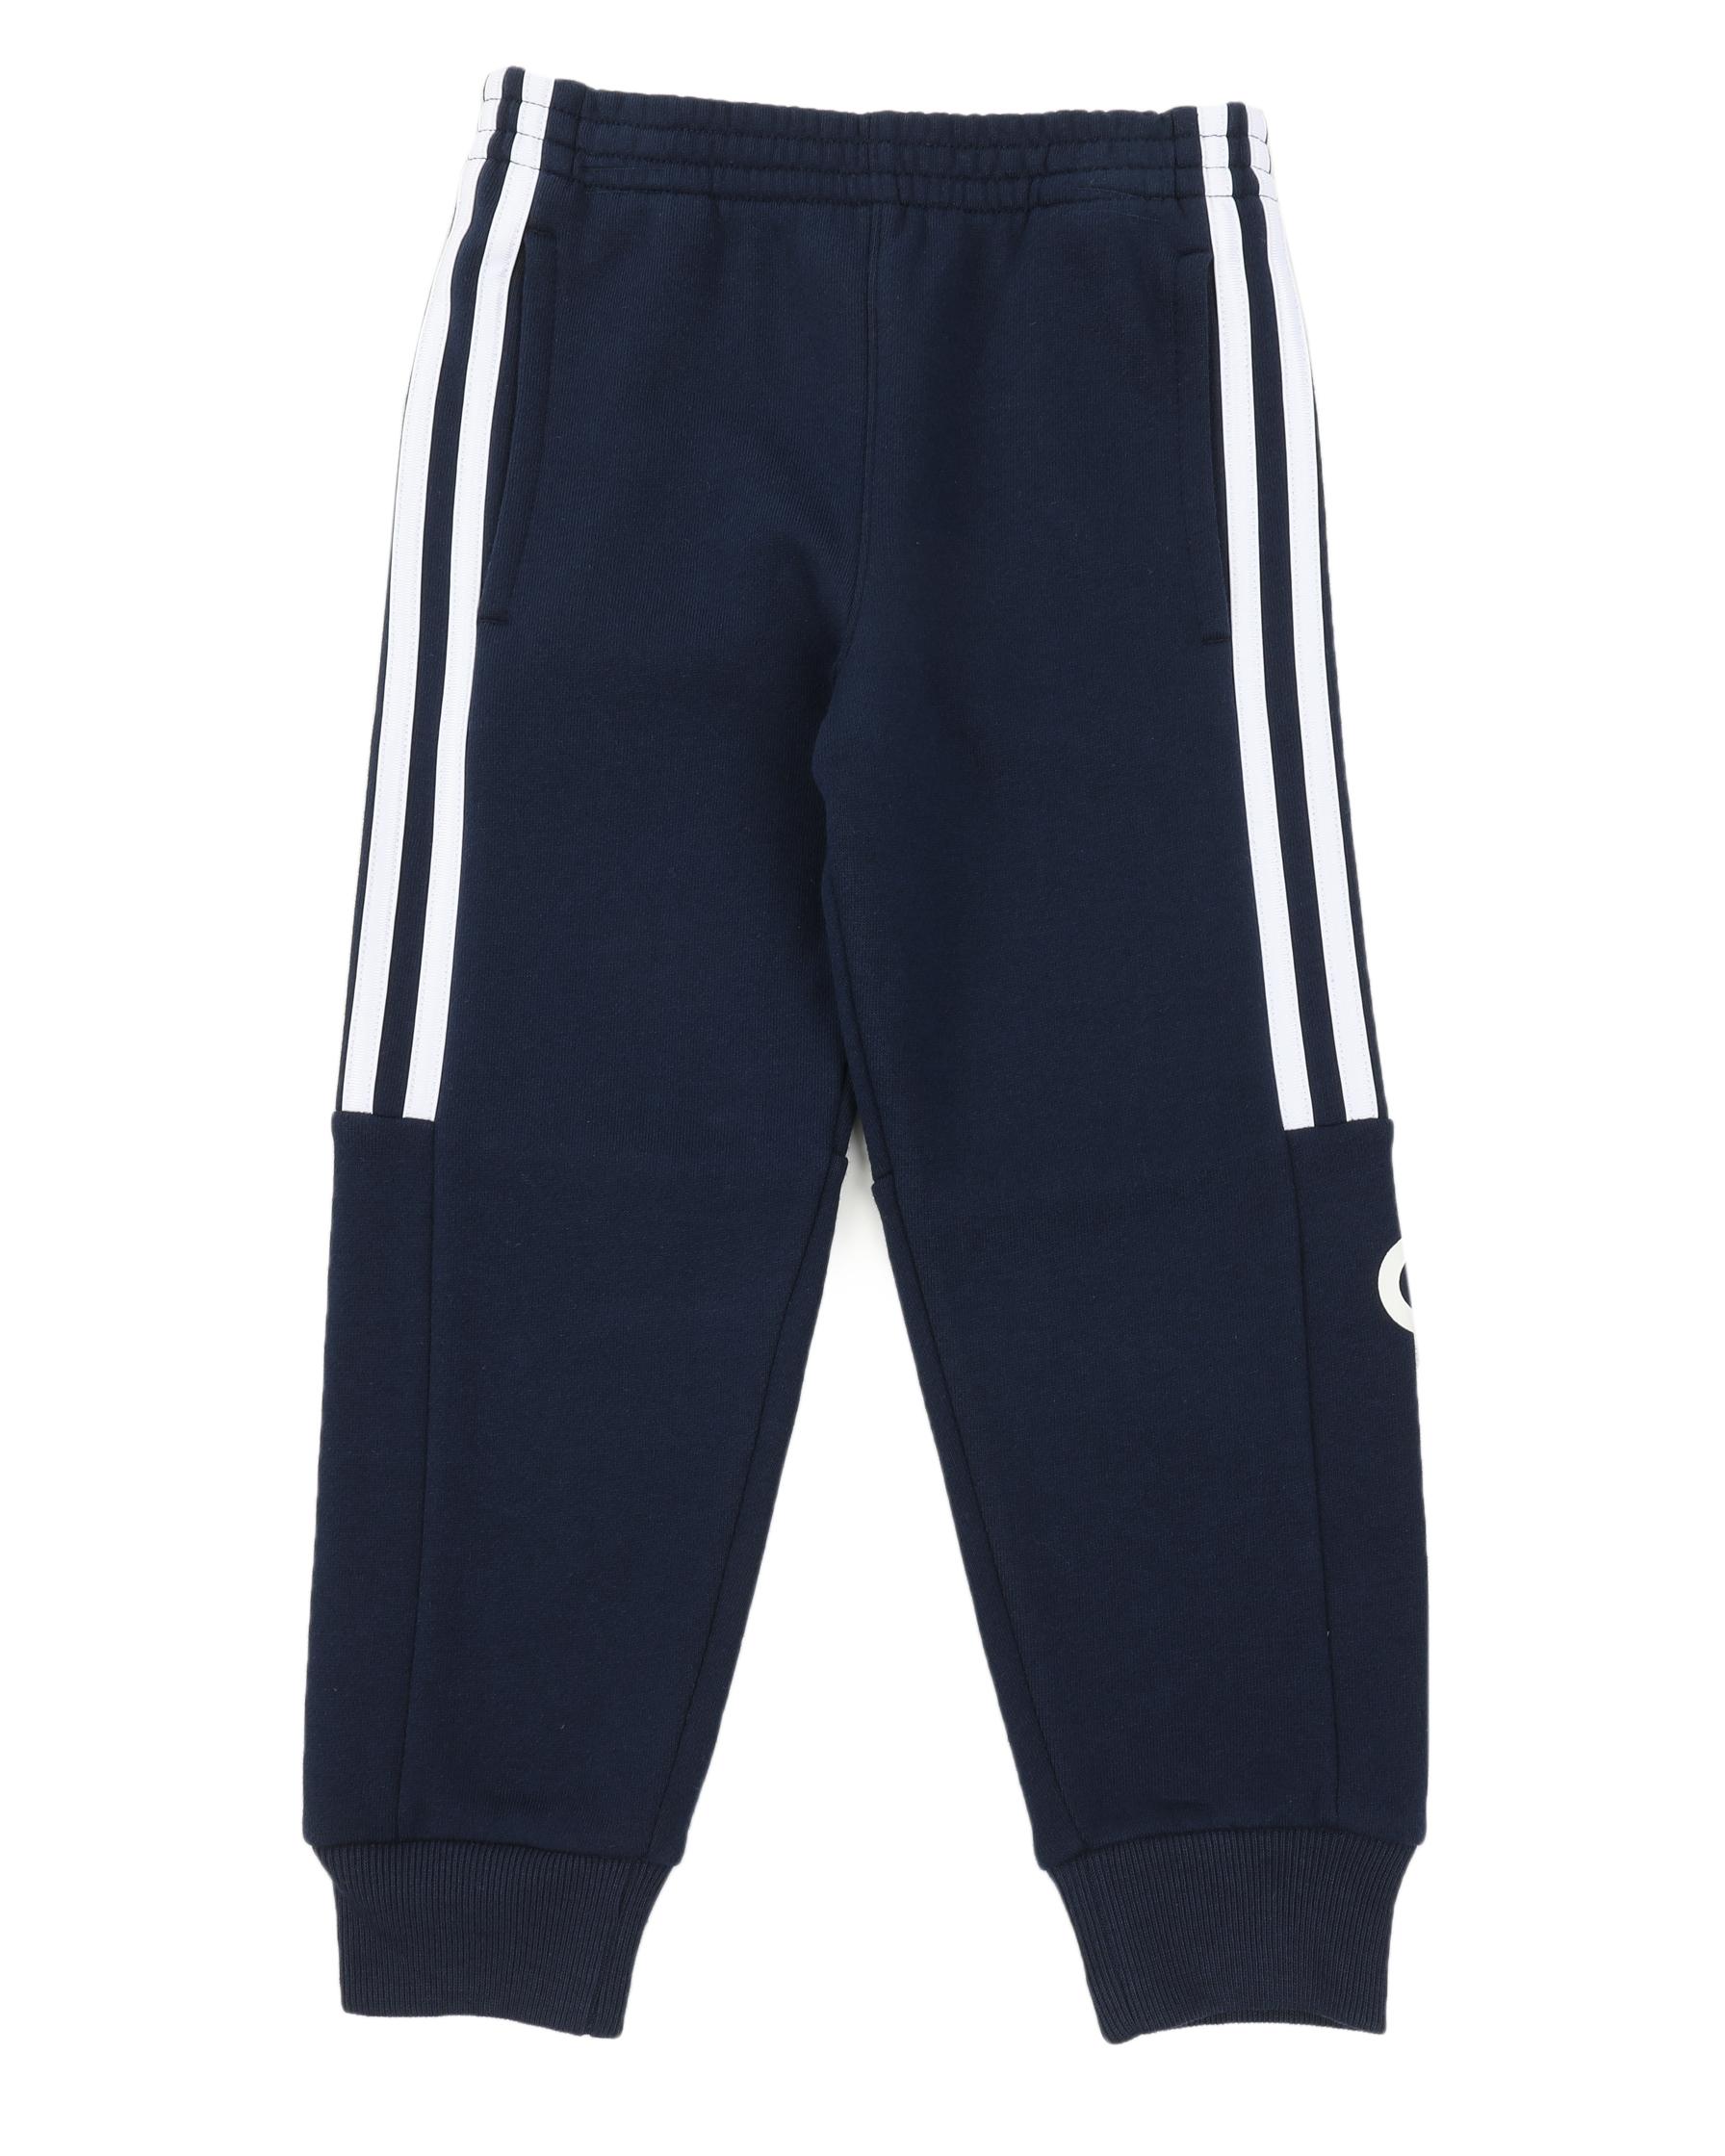 adidas 4 shorts